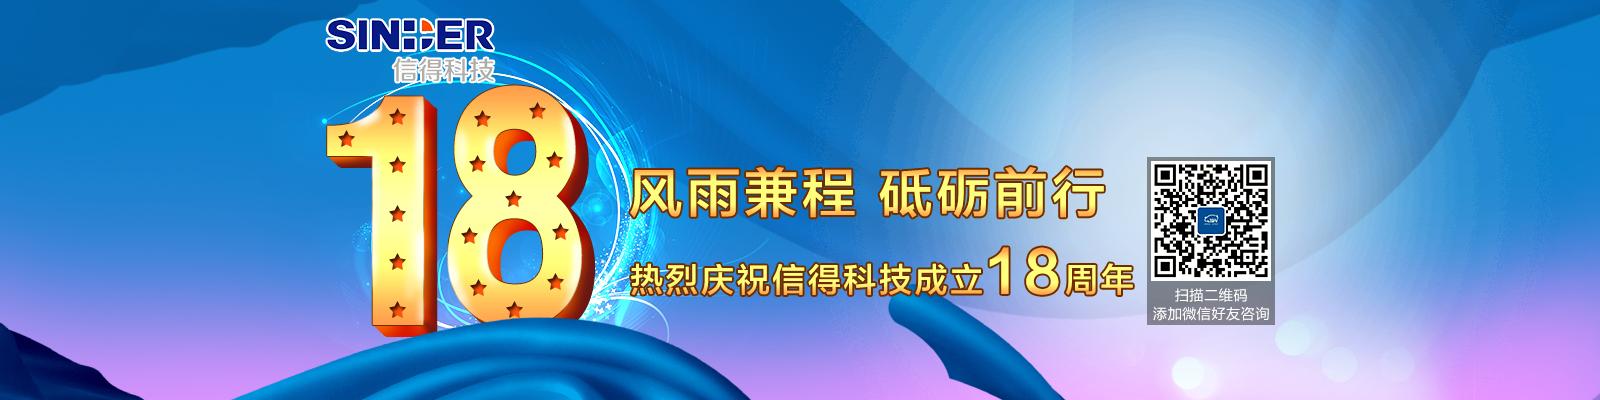 山东信得科技股份有限公司